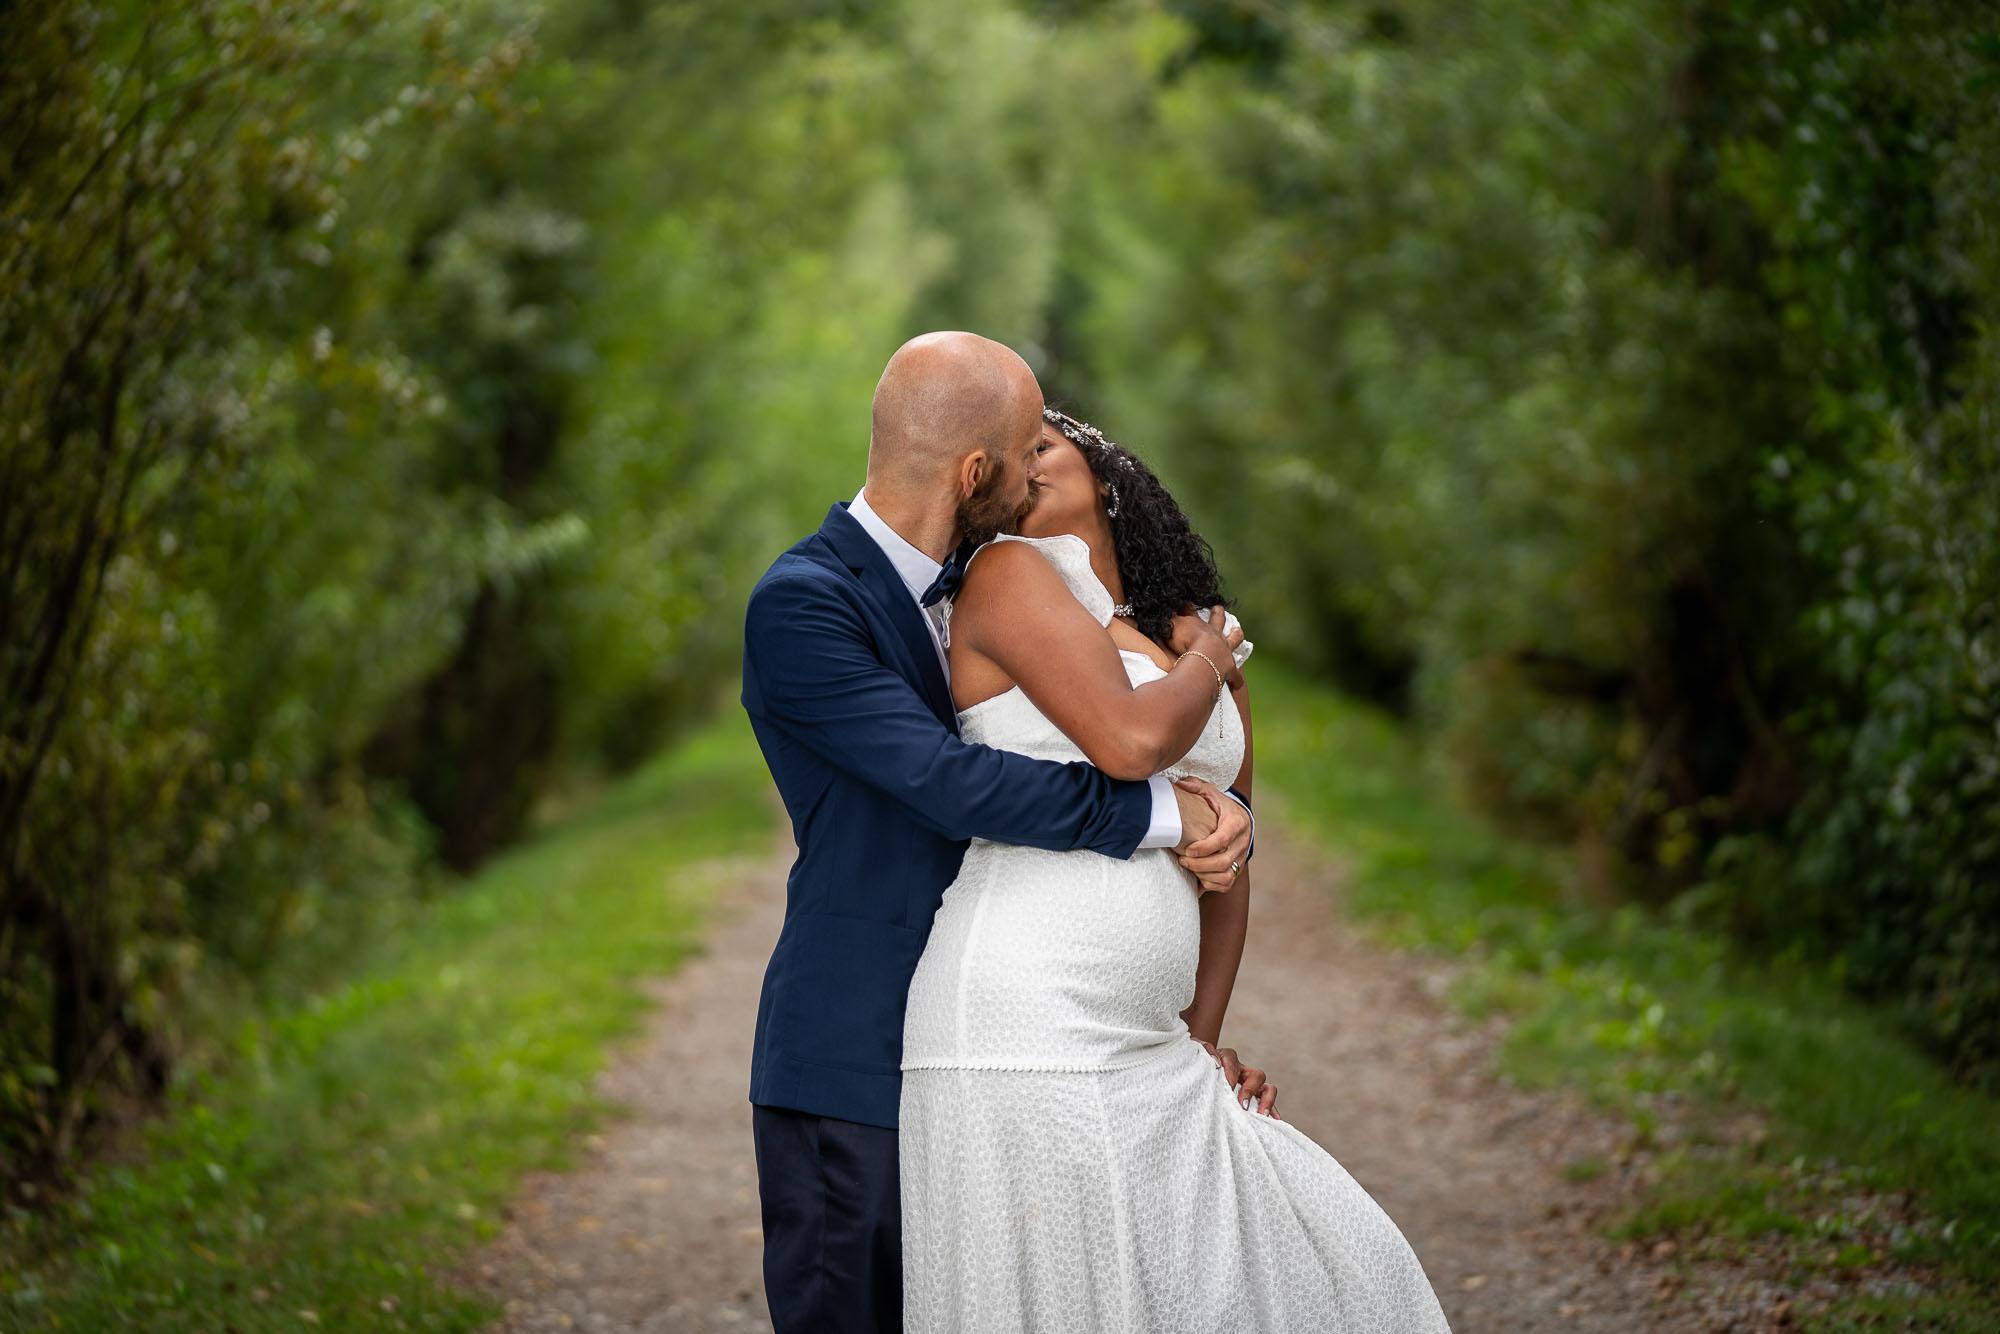 bröllopspar kysser varandra passionerat i en allé på Viksholmen i Arvika